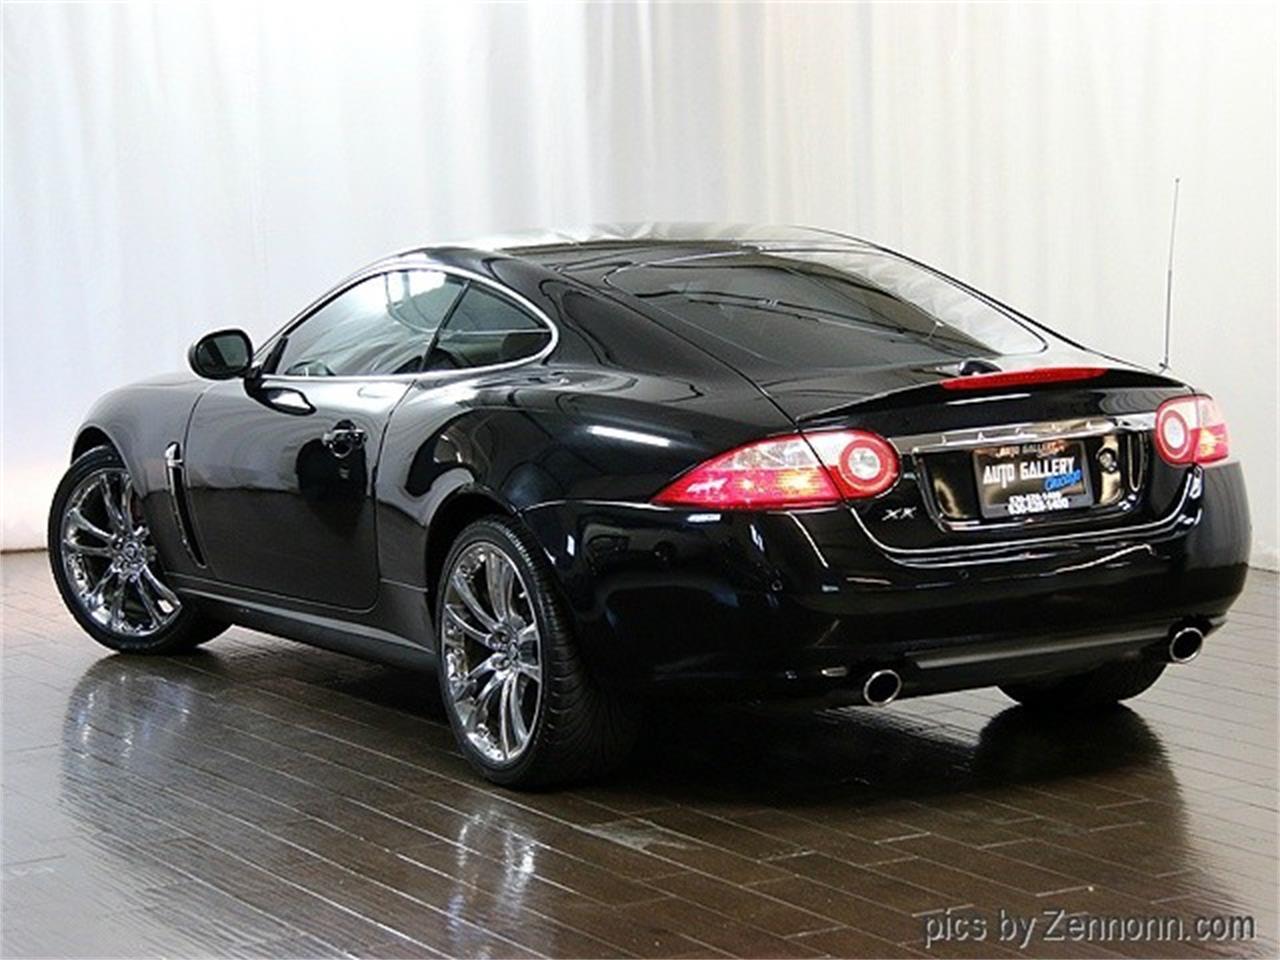 2007 Jaguar XK for Sale | ClassicCars.com | CC-1009520